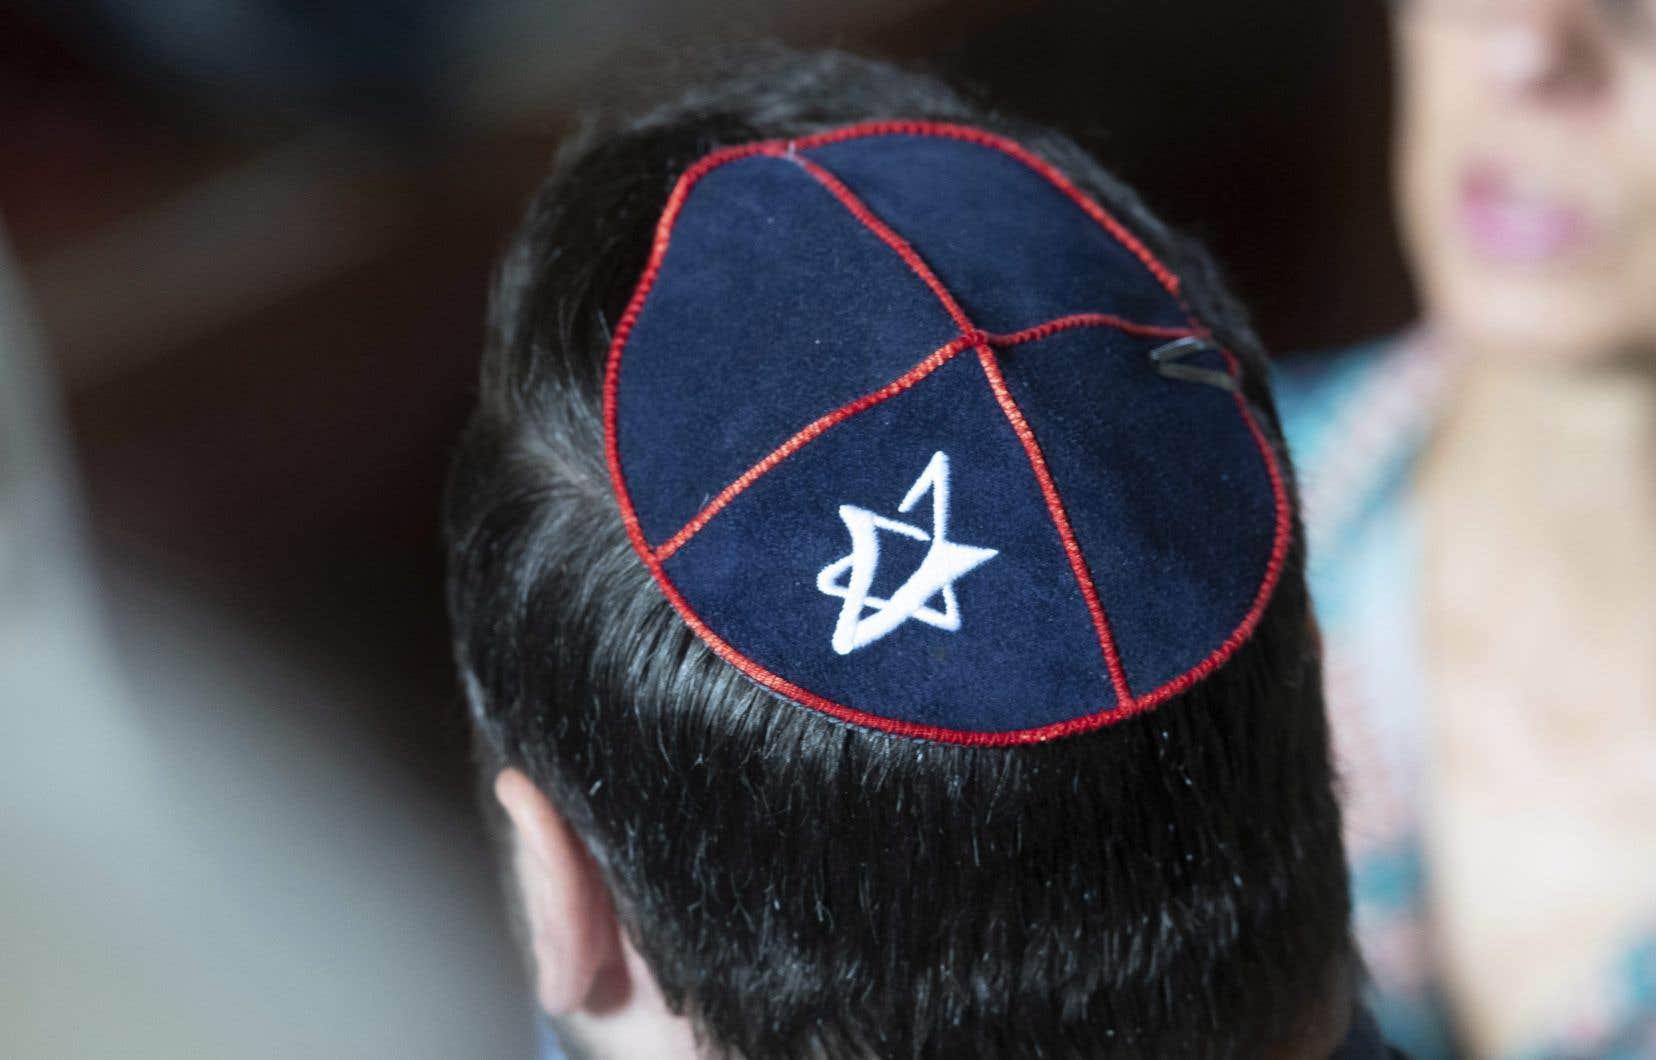 Pour la communauté juive, se dresser contre le projet de loi «est d'abord et avant tout une question de principe plus qu'une question de répercussion concrète dans la vie de tous les Juifs»,<span style=